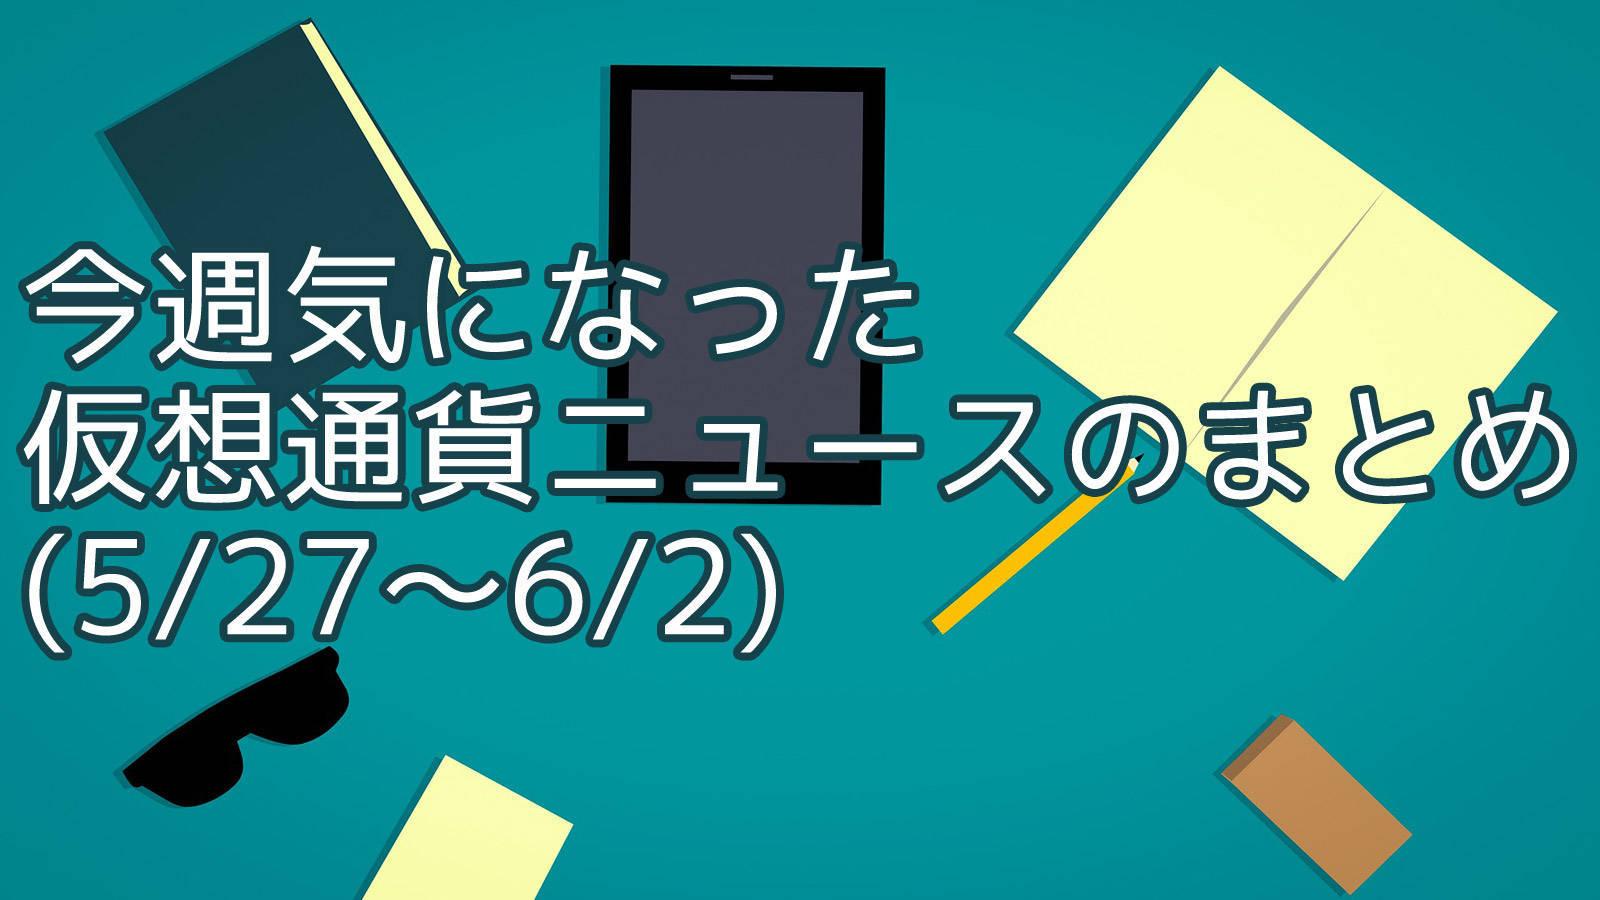 今週気になった仮想通貨ニュースのまとめ (5/27〜6/2)